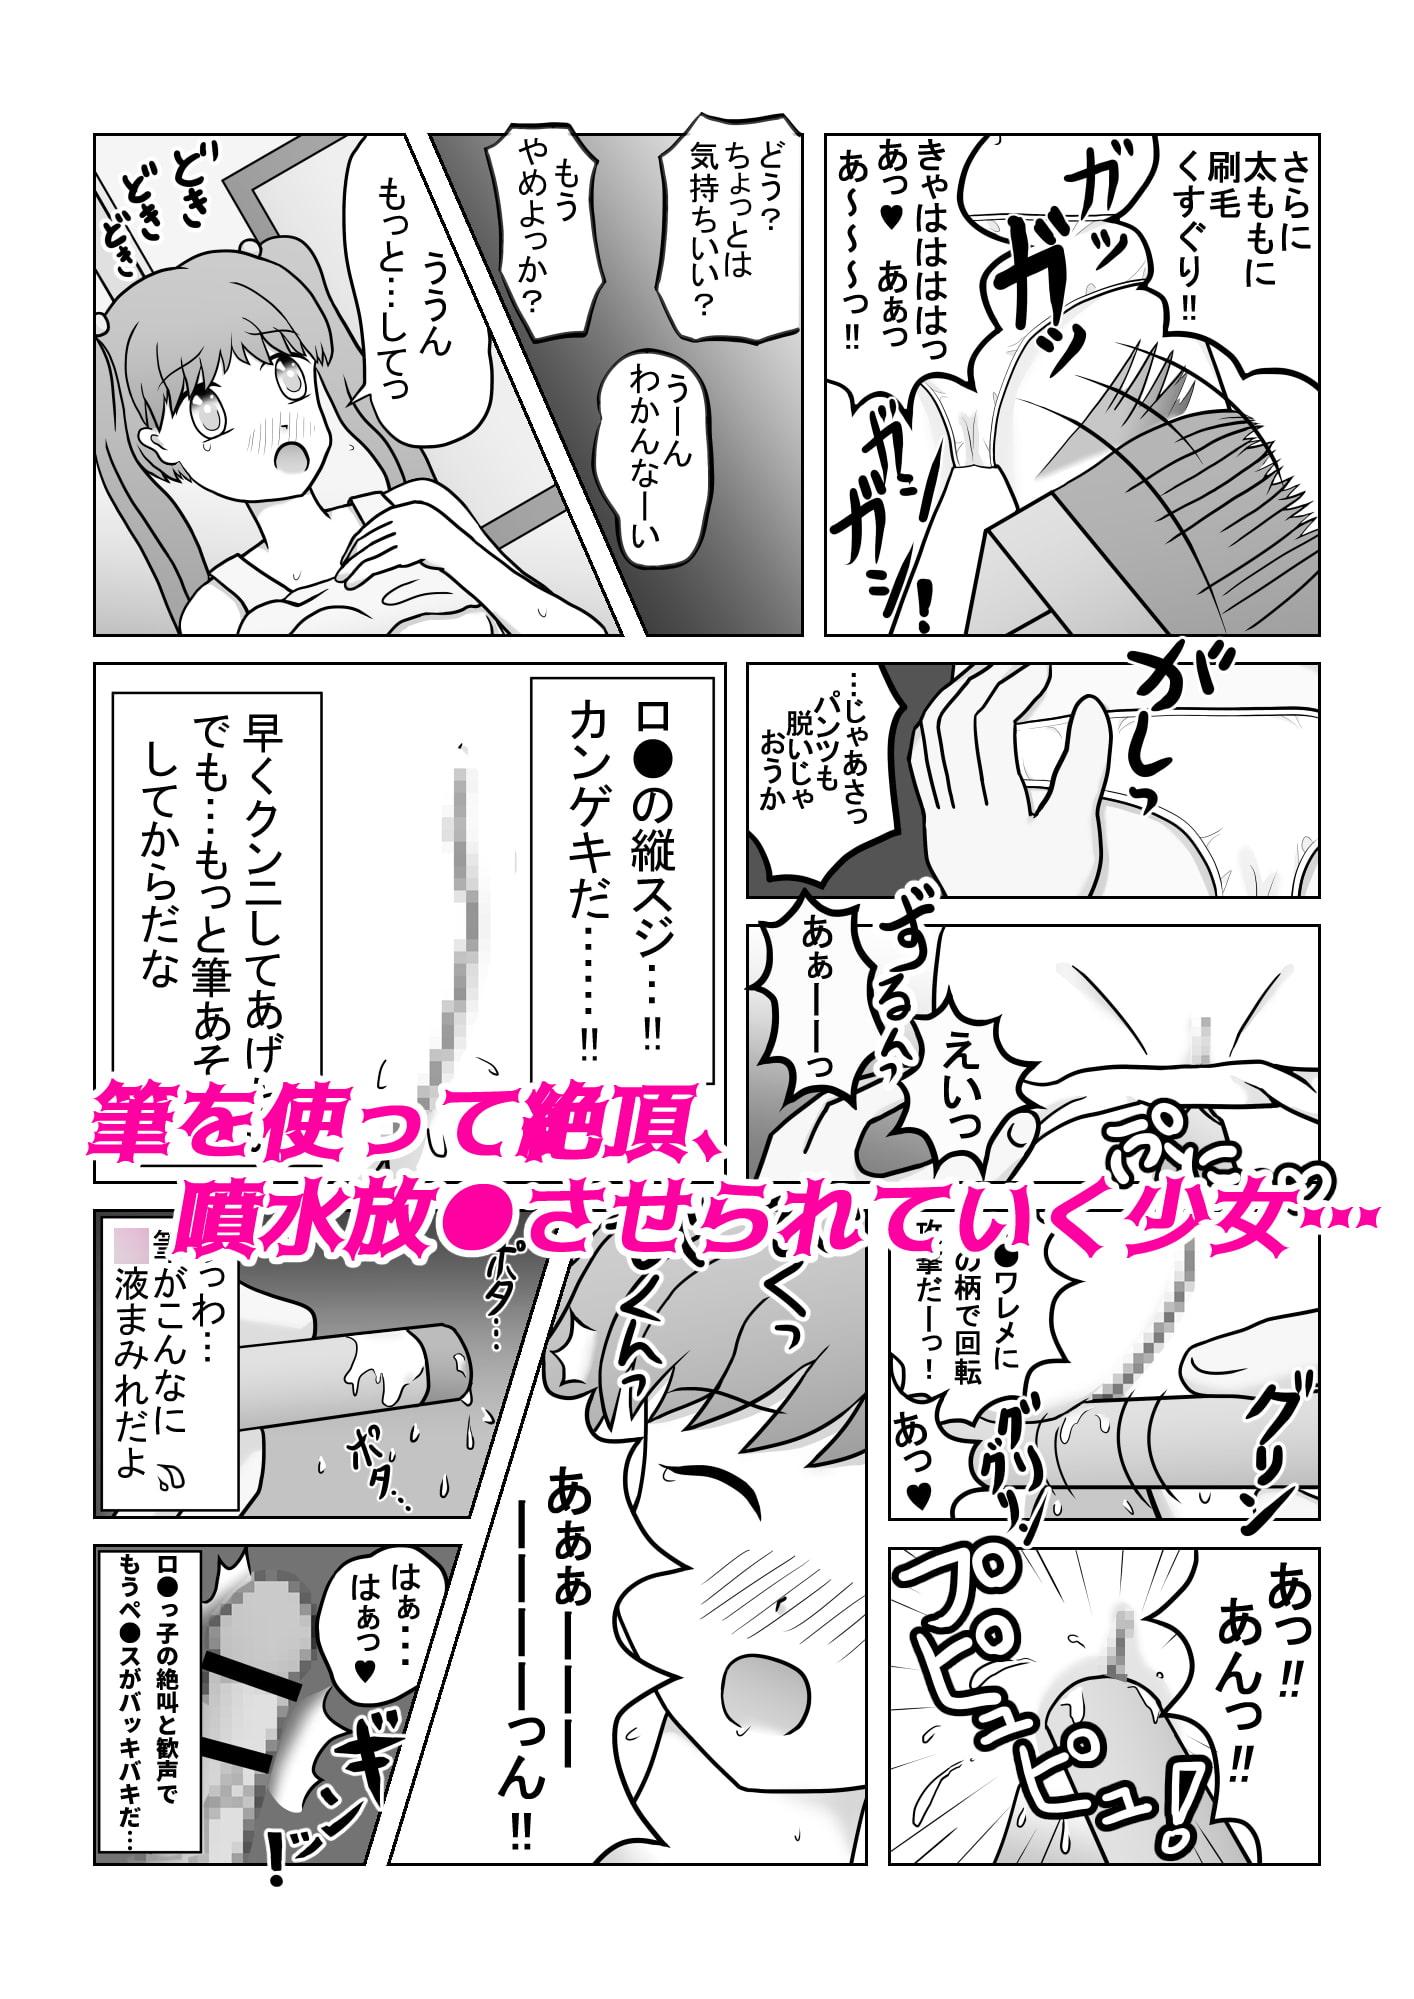 RJ328860 令和の団地ロリっ子 ひみつ道具で強制絶頂 ~ 筆あそび編 [20210608]